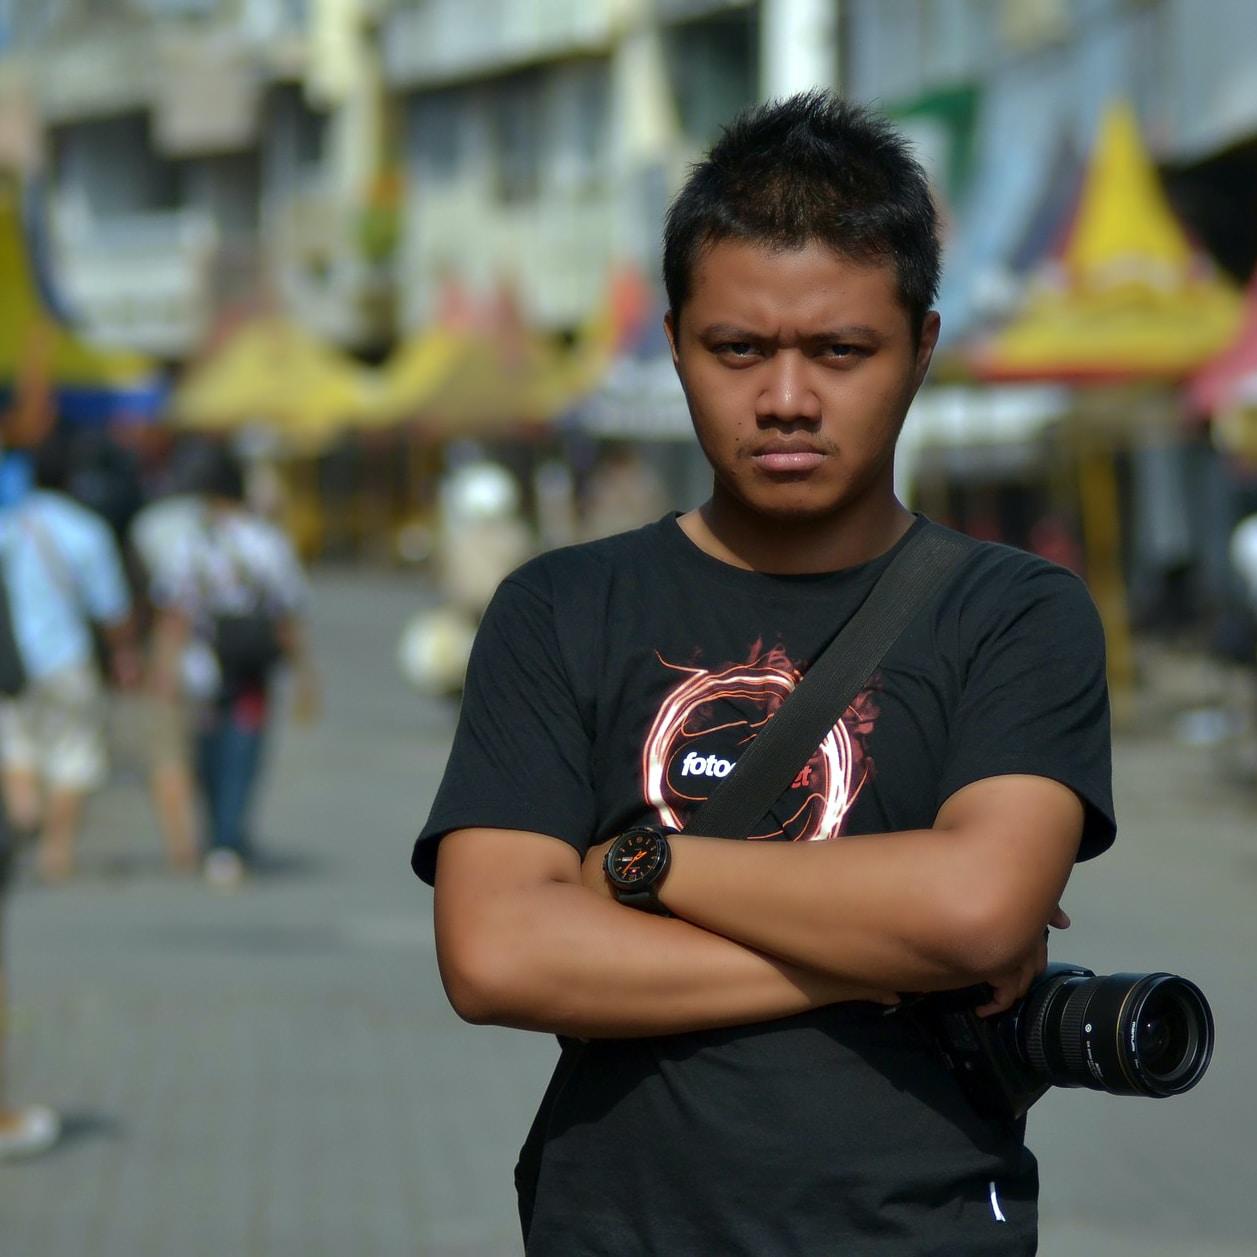 Go to Stefanus Martanto Setyo Husodo's profile